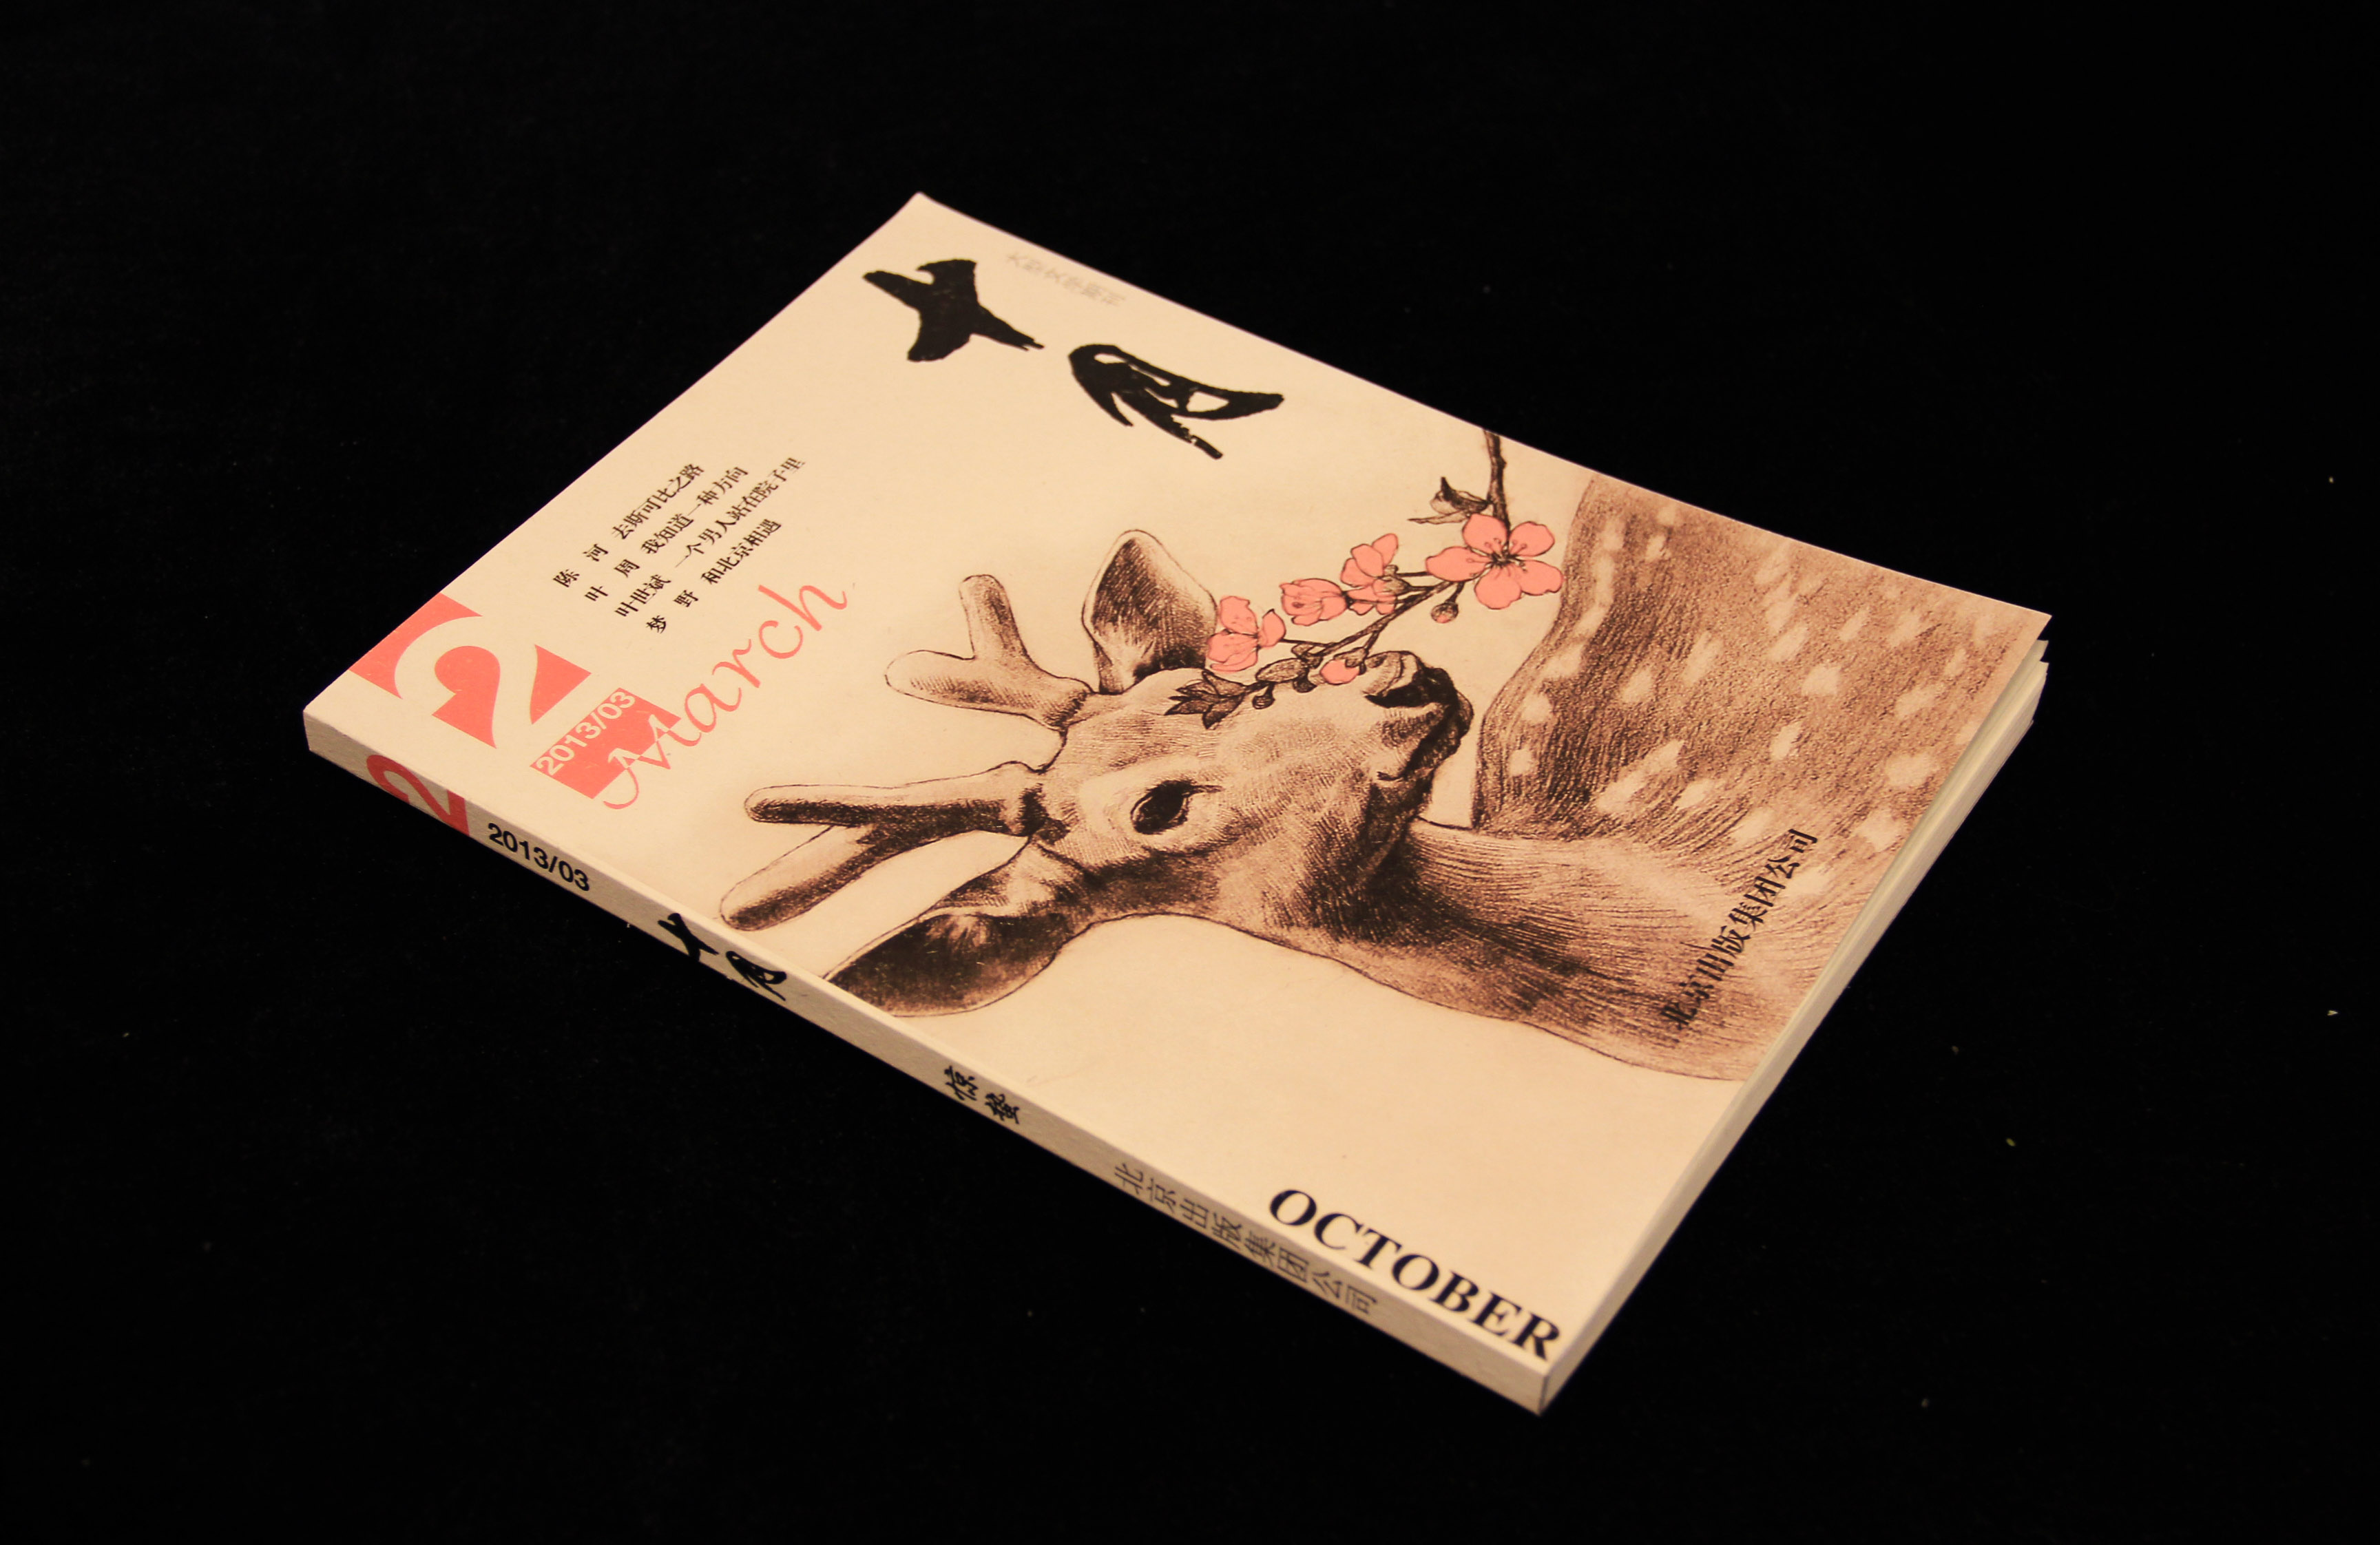 《十月》杂志封面设计|平面|书装/画册|lanvander